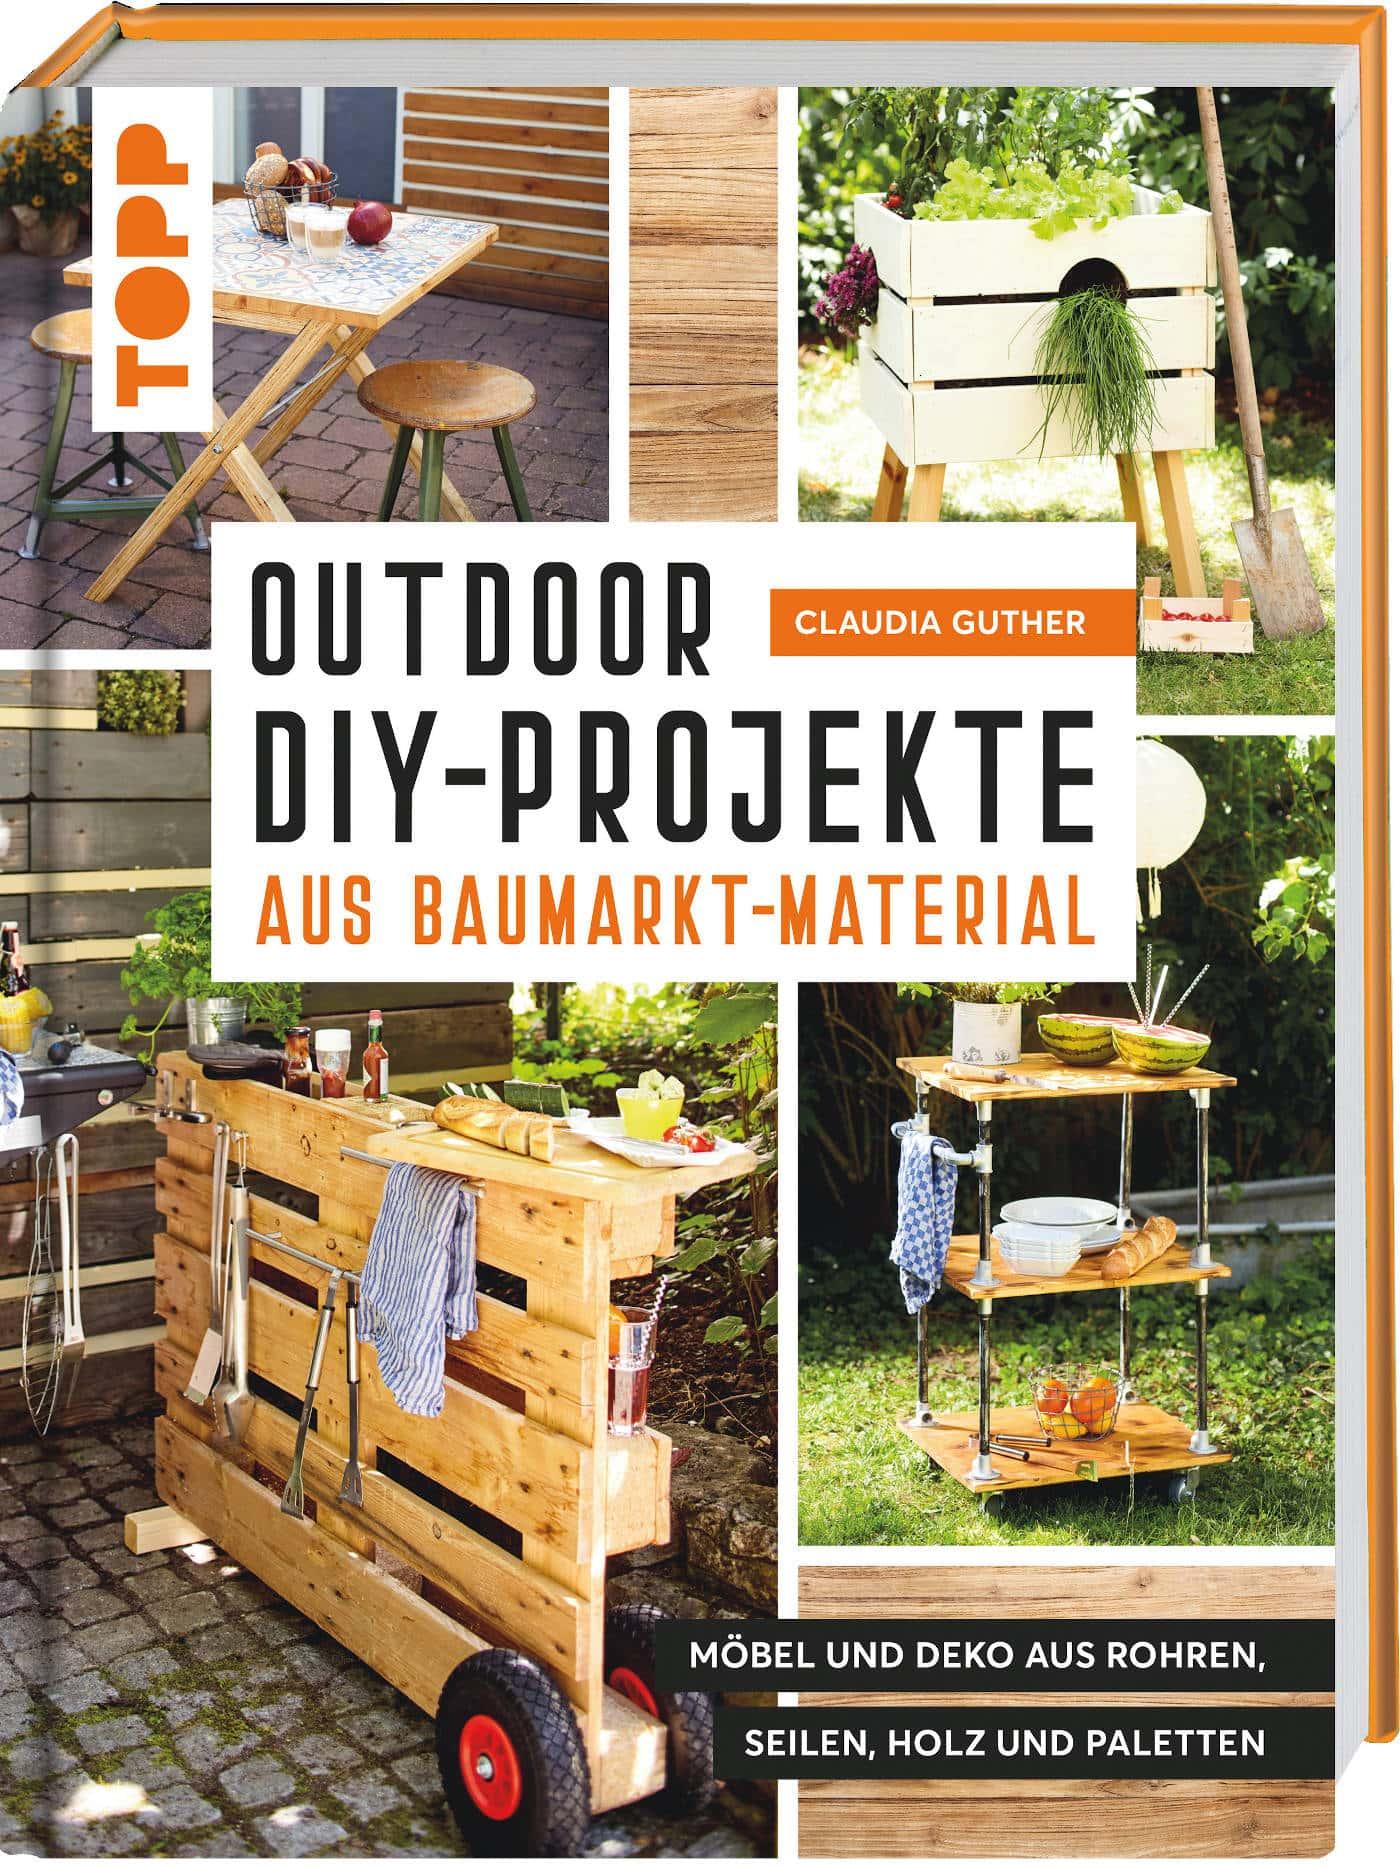 Sandkasten mit Bambus-Zeltdach aus Outdoor DIY-Projekt // HIMBEER